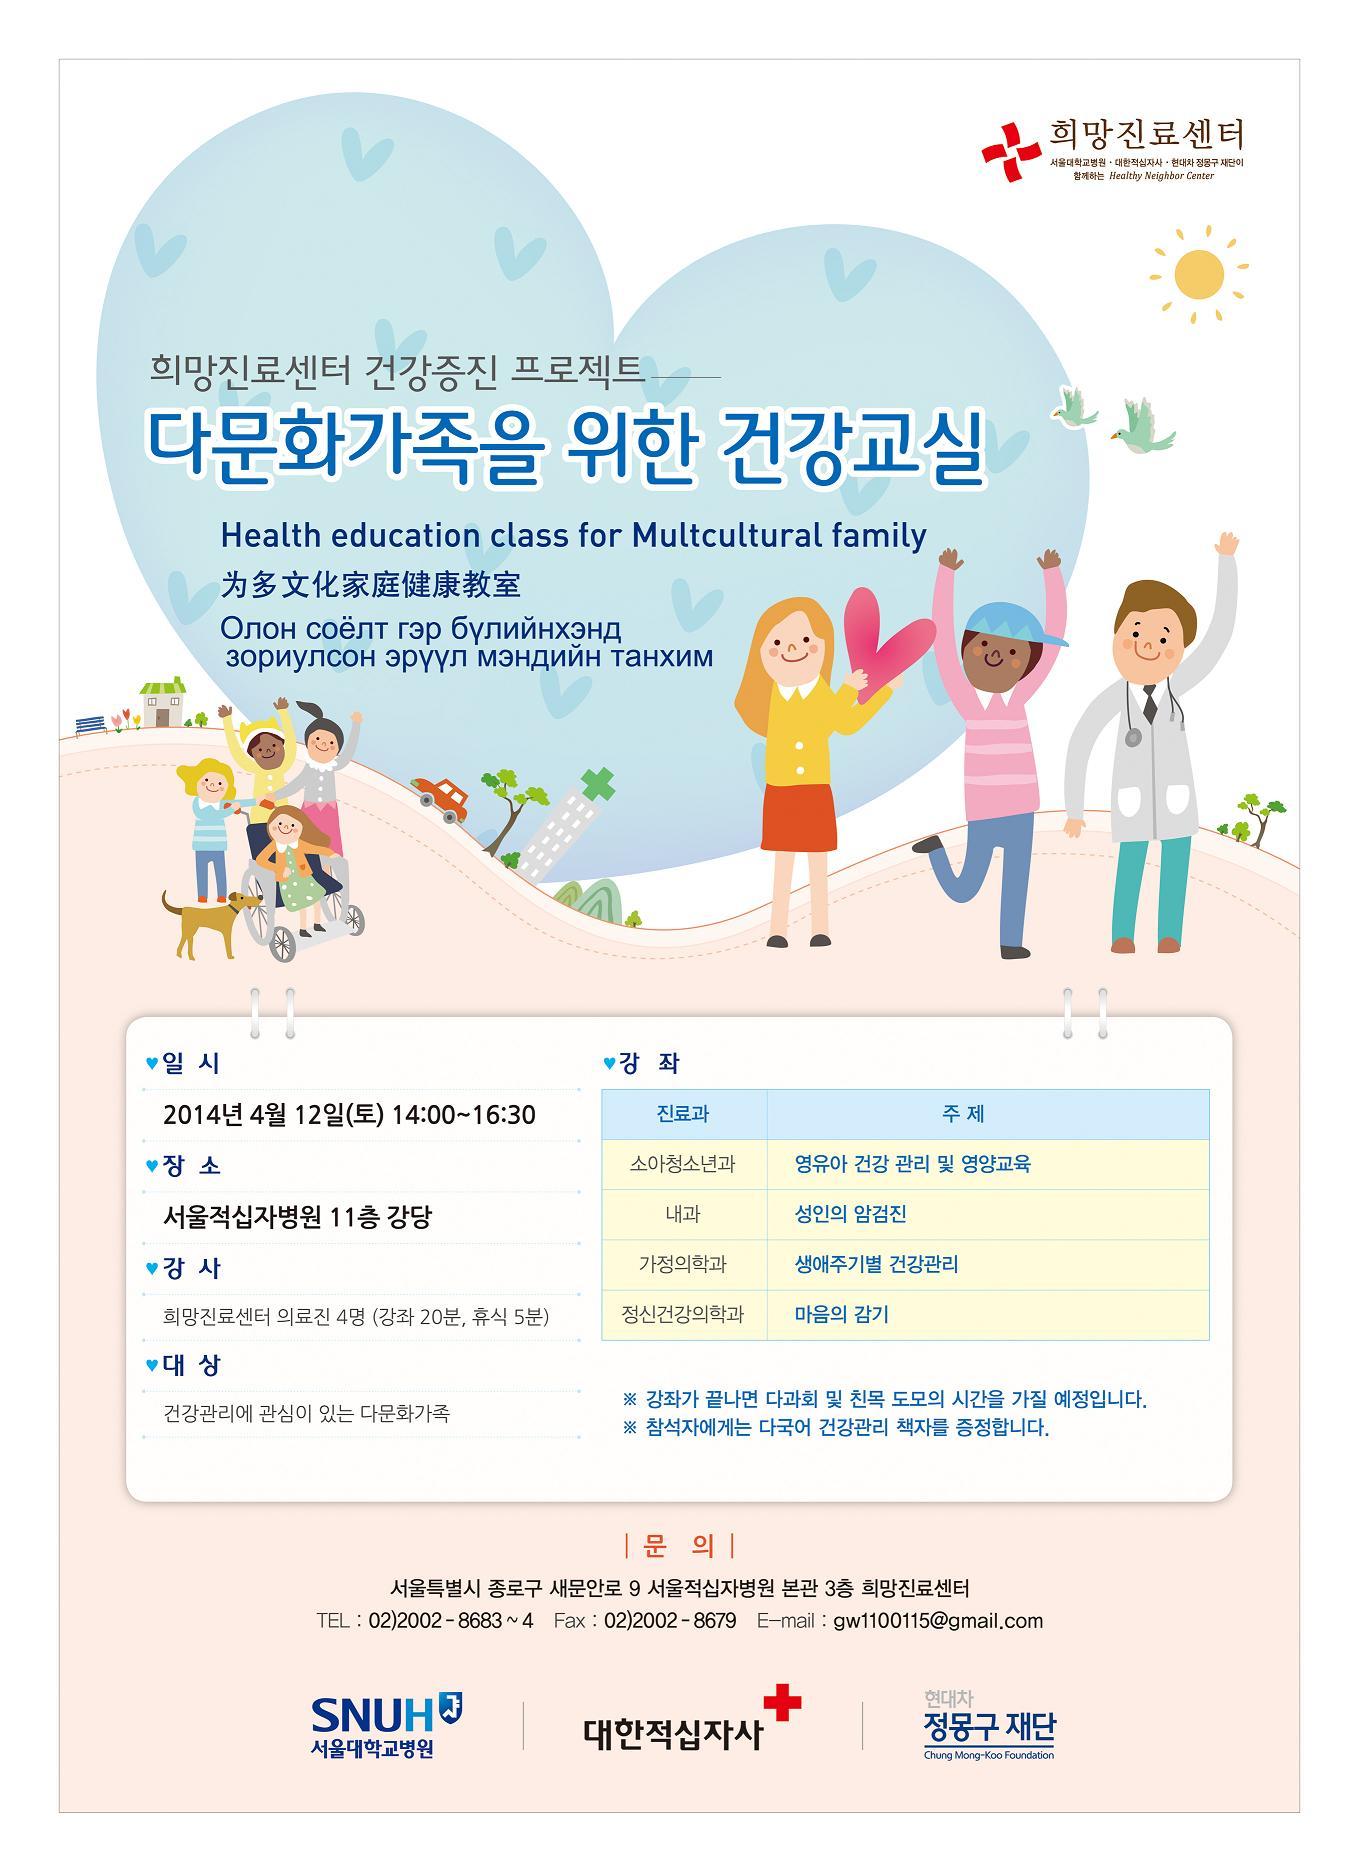 희망진료센터 다문화가족을 위한 건강교실 개최 안내